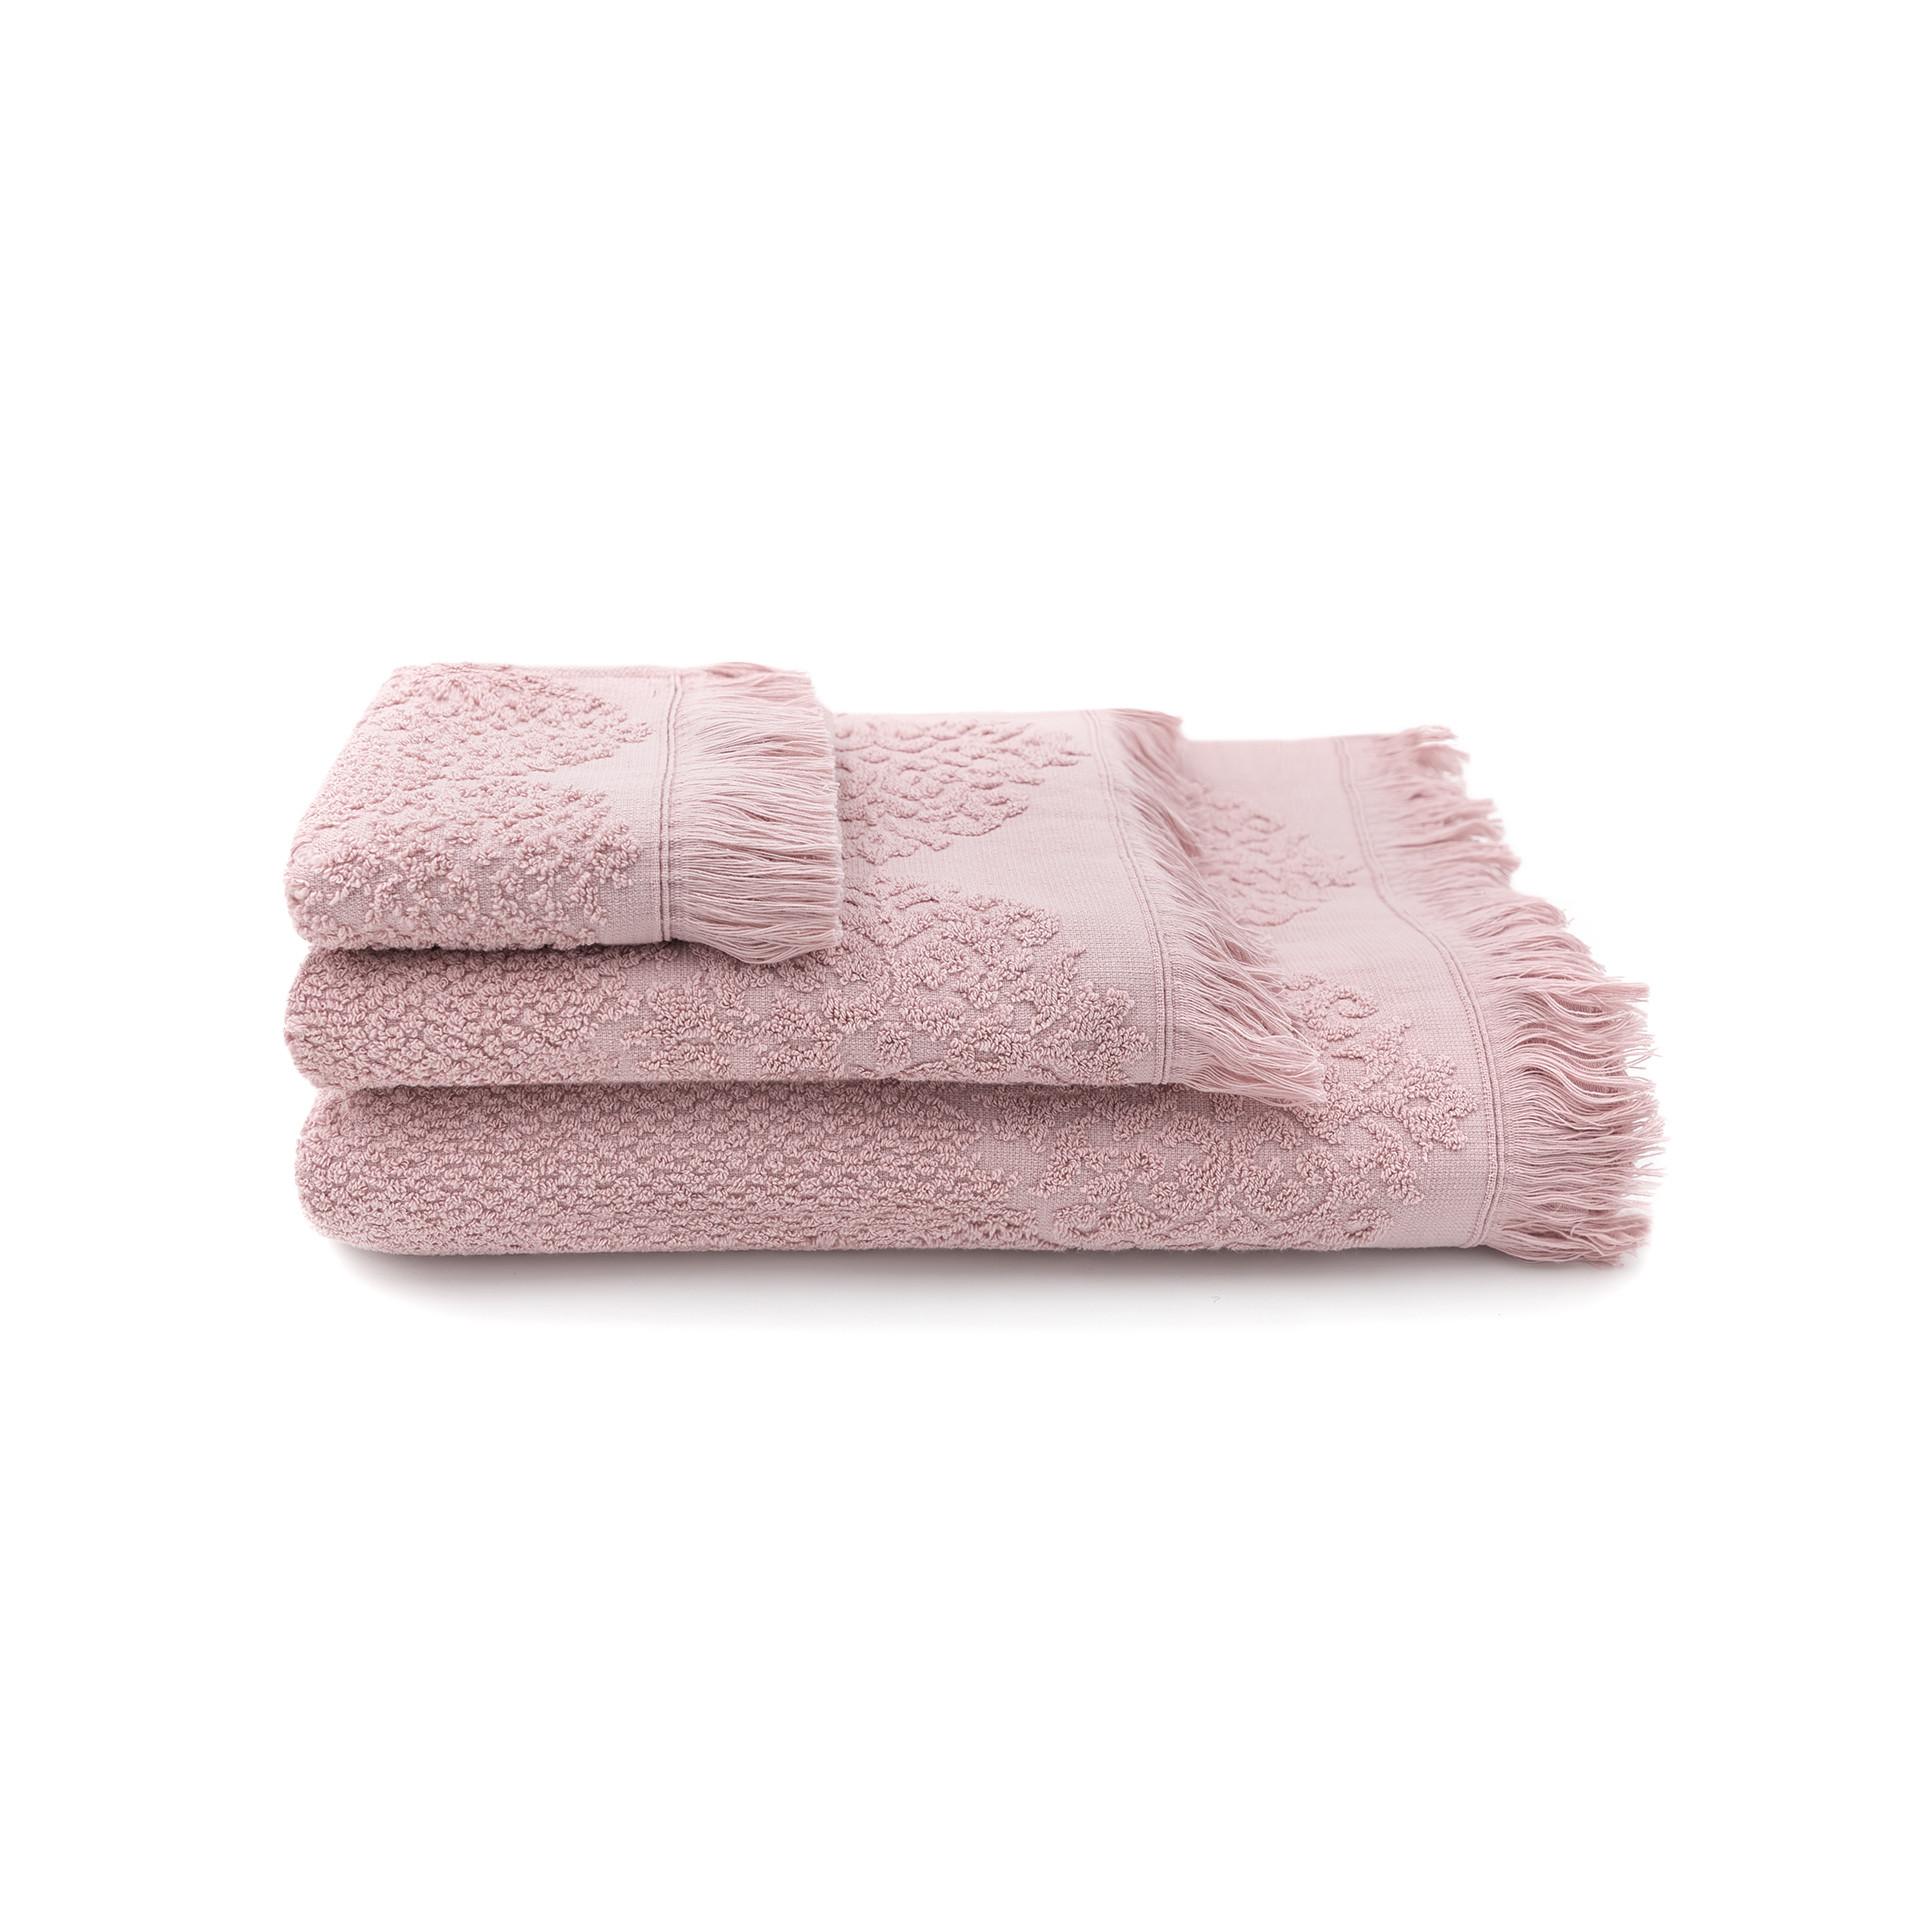 Handtuch Bella 3-er Set | Rosa